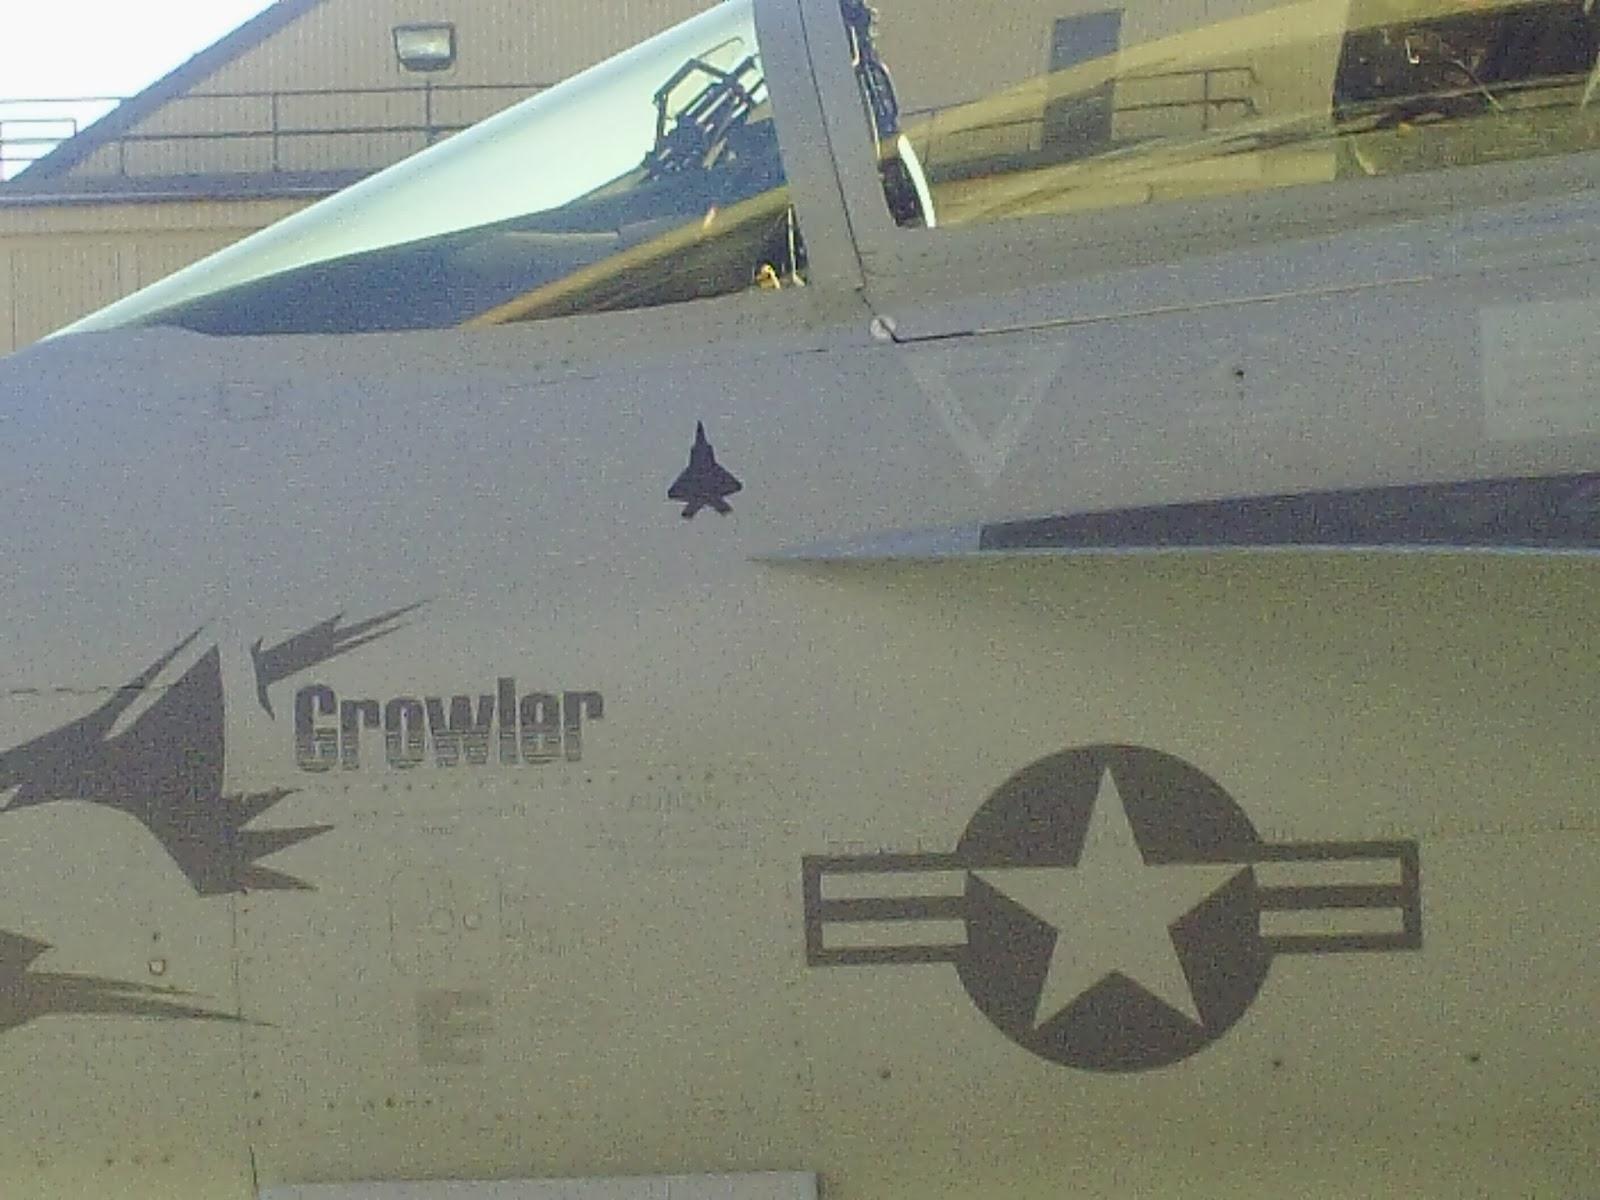 Arena de Combate: O primeiro Eurofighter Typhoon abatido foi vítima